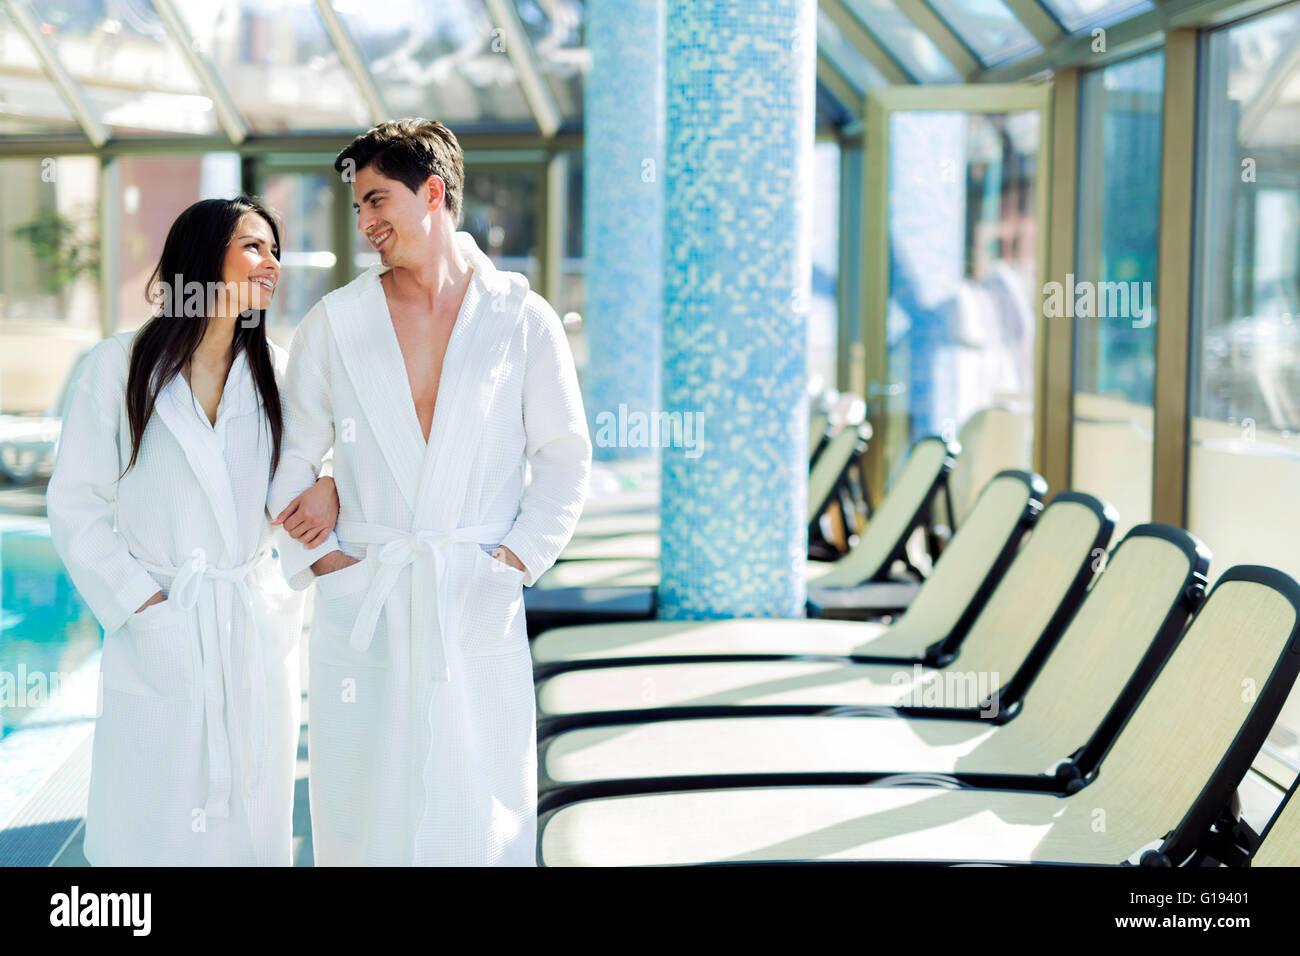 Matura in amore in piedi accanto ad una piscina in un accappatoio e rilassante Immagini Stock